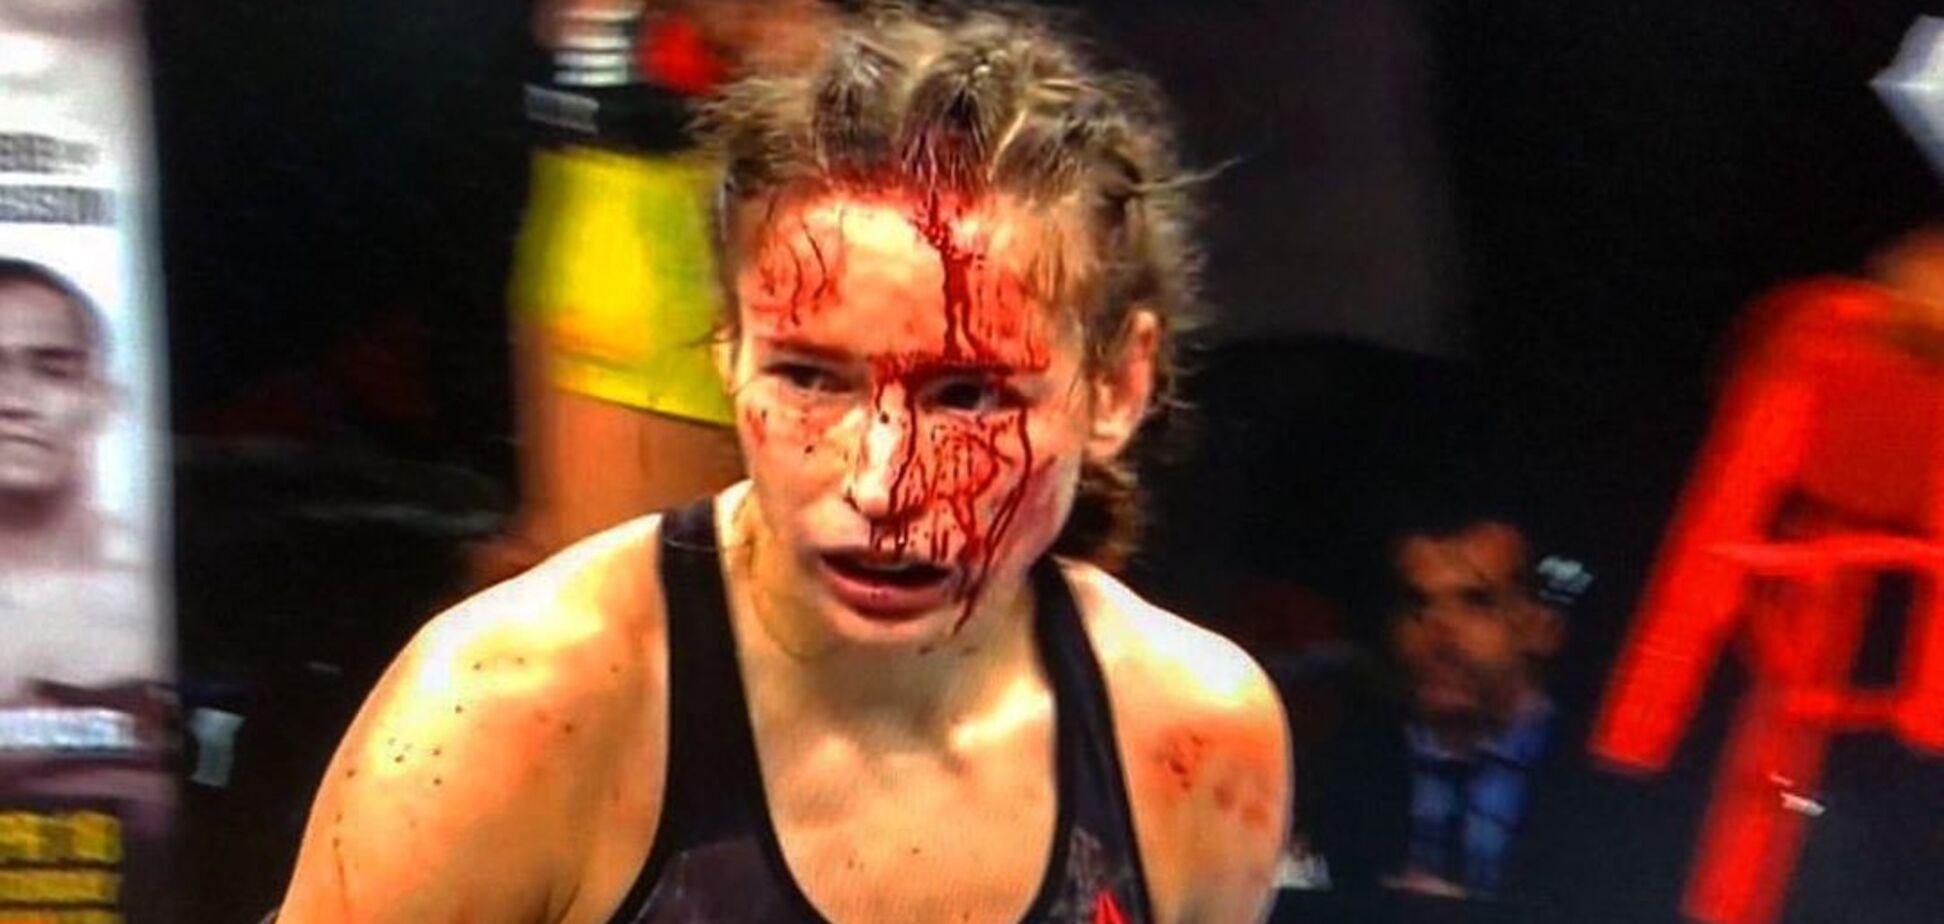 Избитая рекордсменка UFC Марина Мороз развернула в больнице флаг Украины